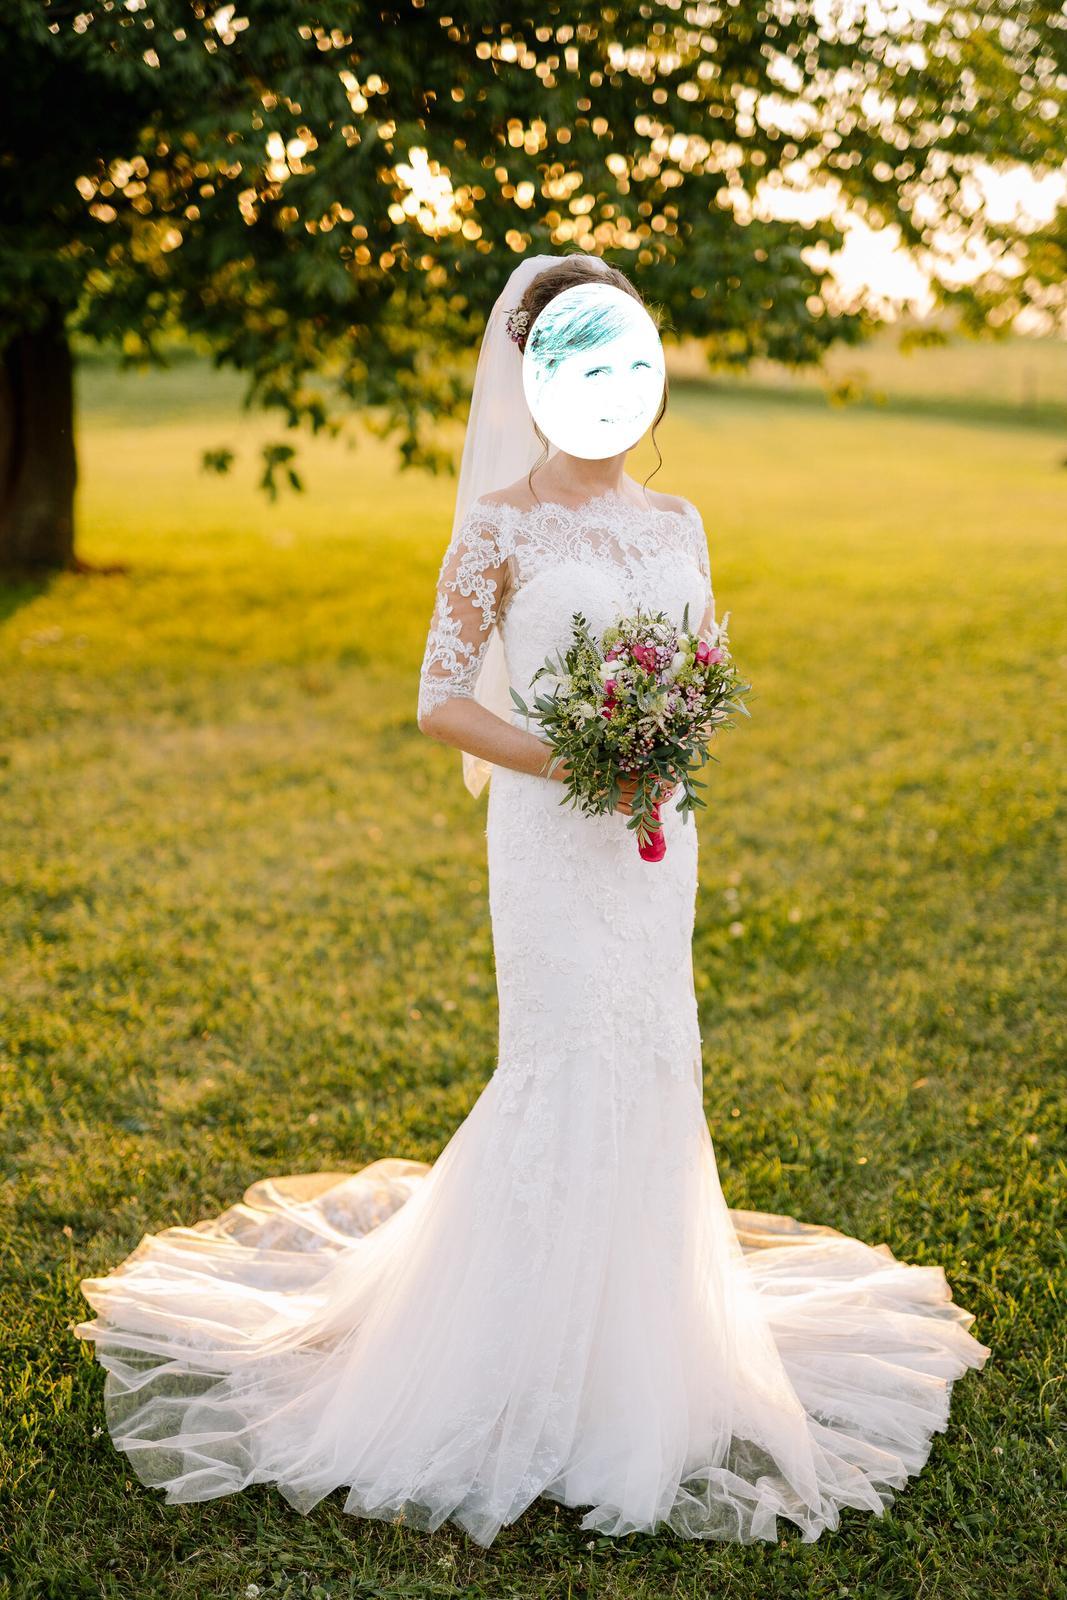 Luxusní svatební šaty 34-36 - Obrázek č. 1